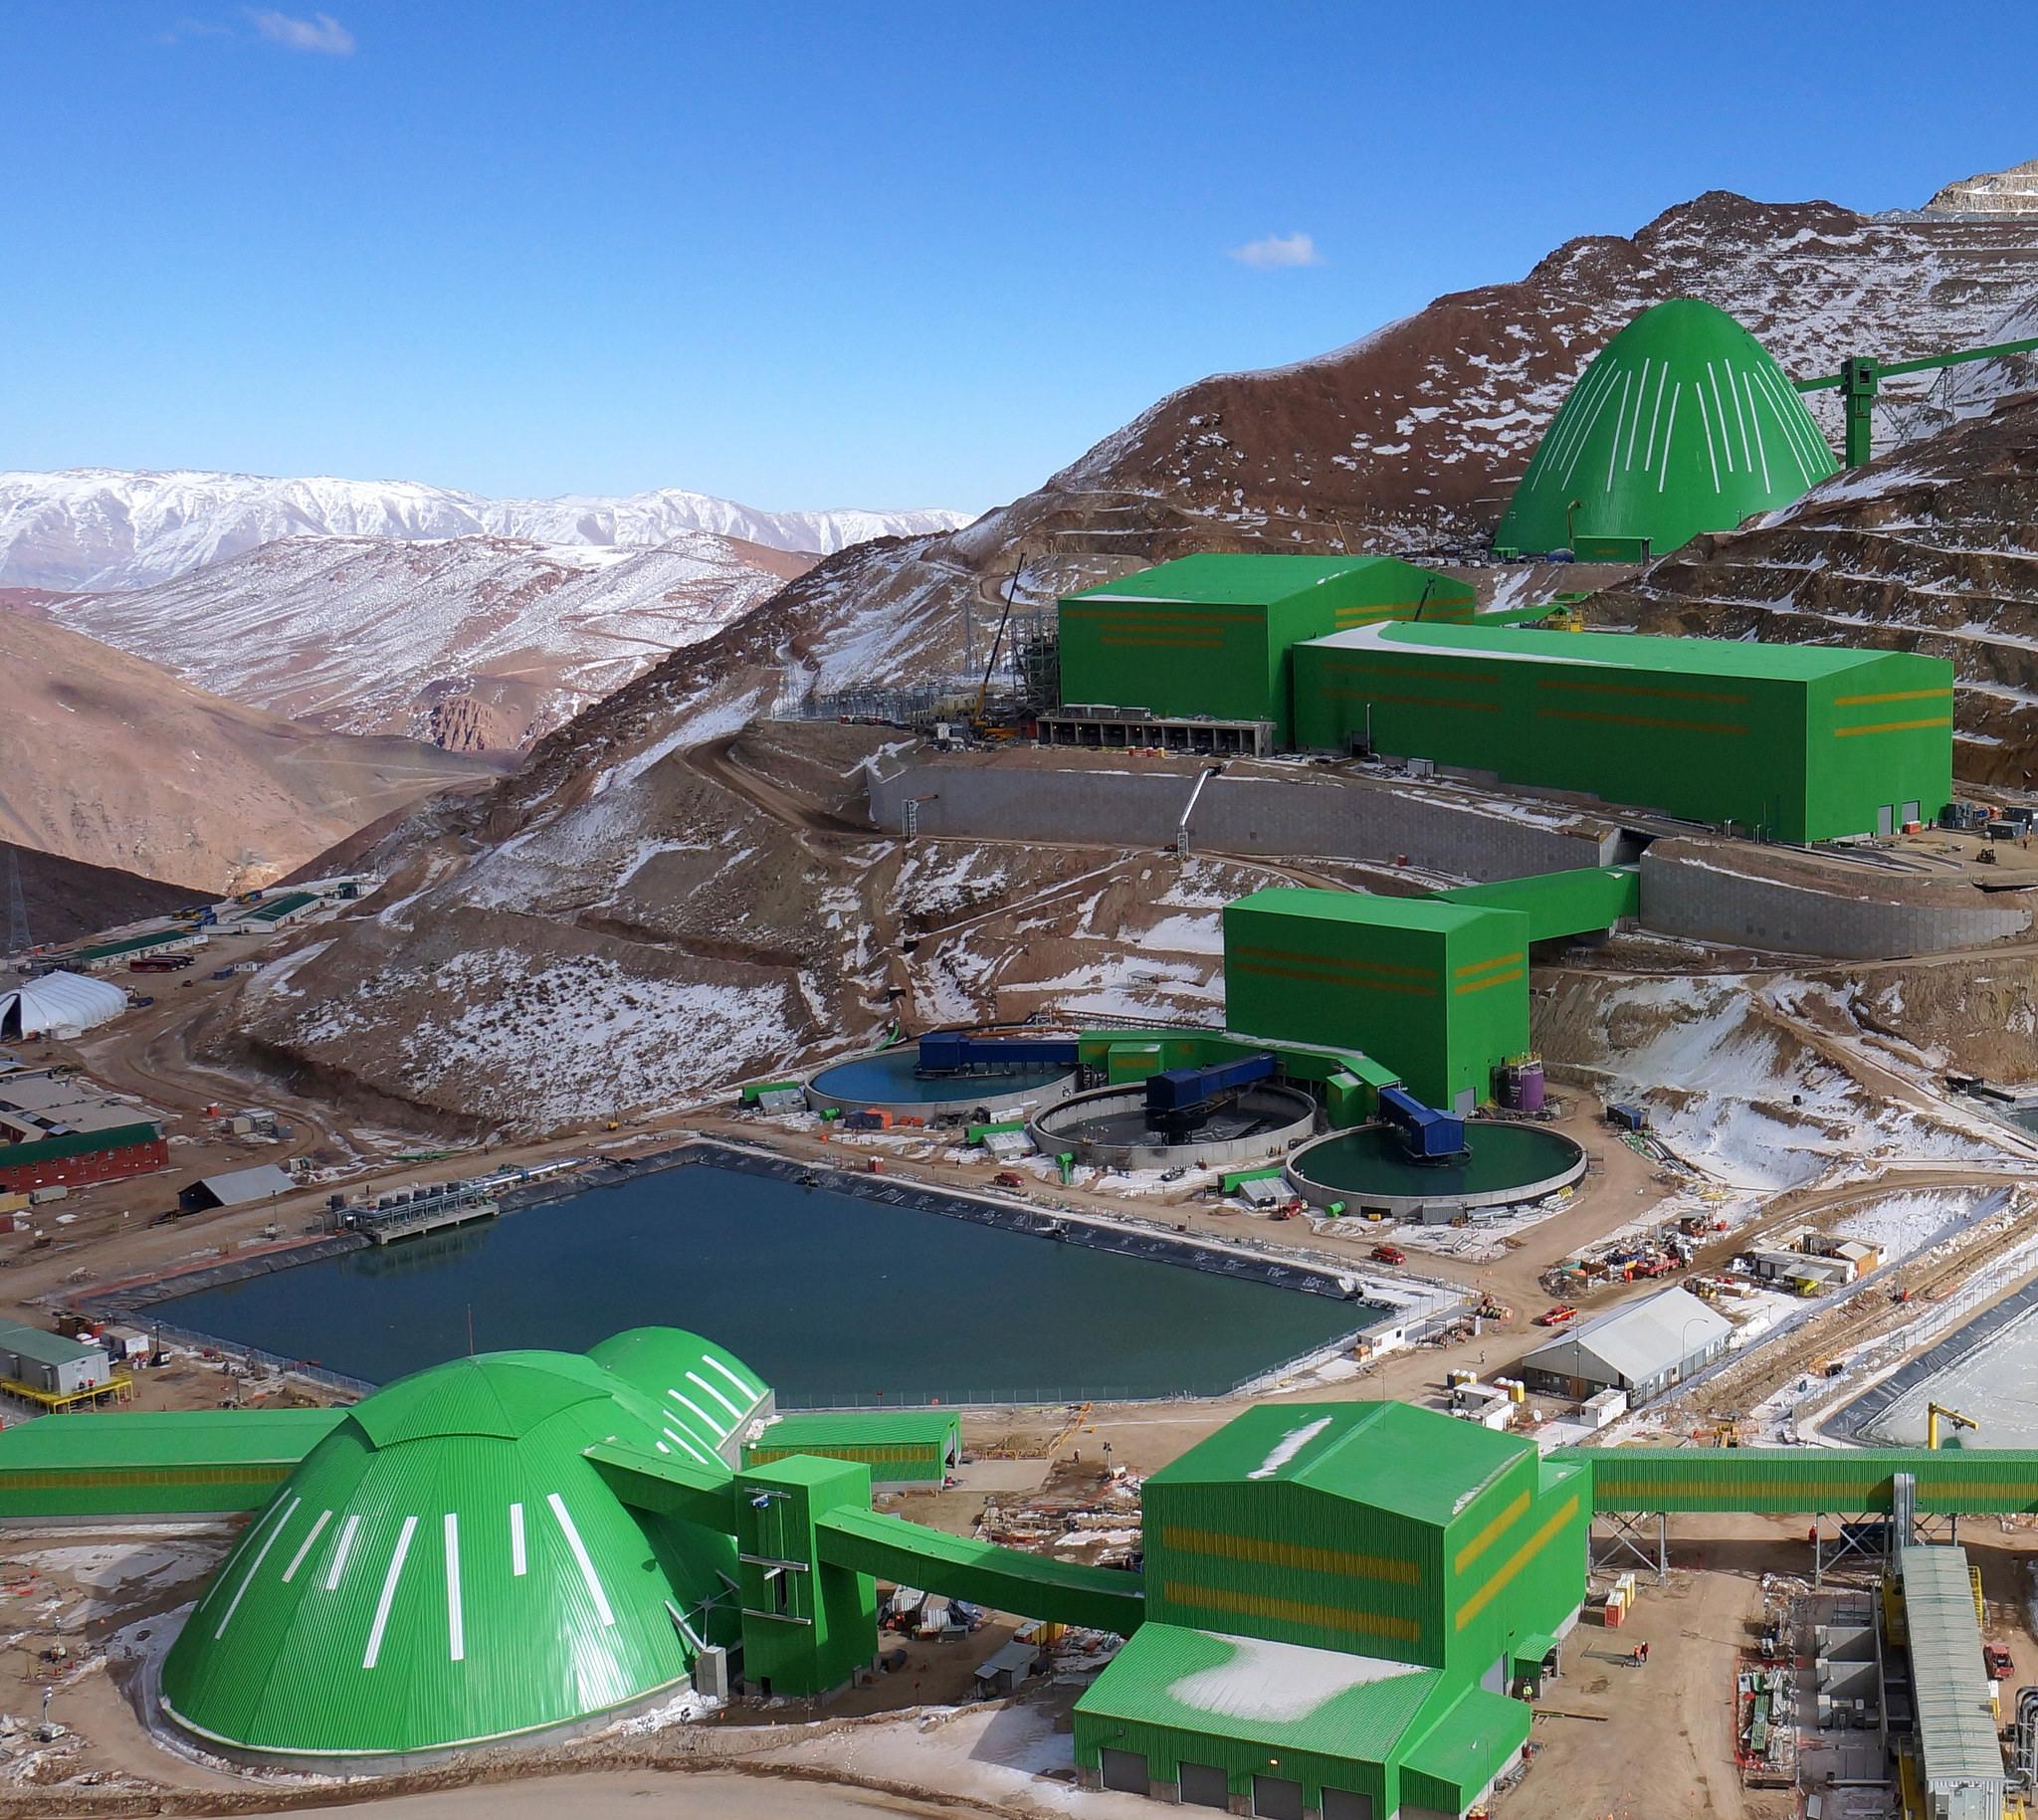 Fuertes vientos, cargas de nieve y pendientes a 4000m sobre el nivel del mar en los Andes chilenos